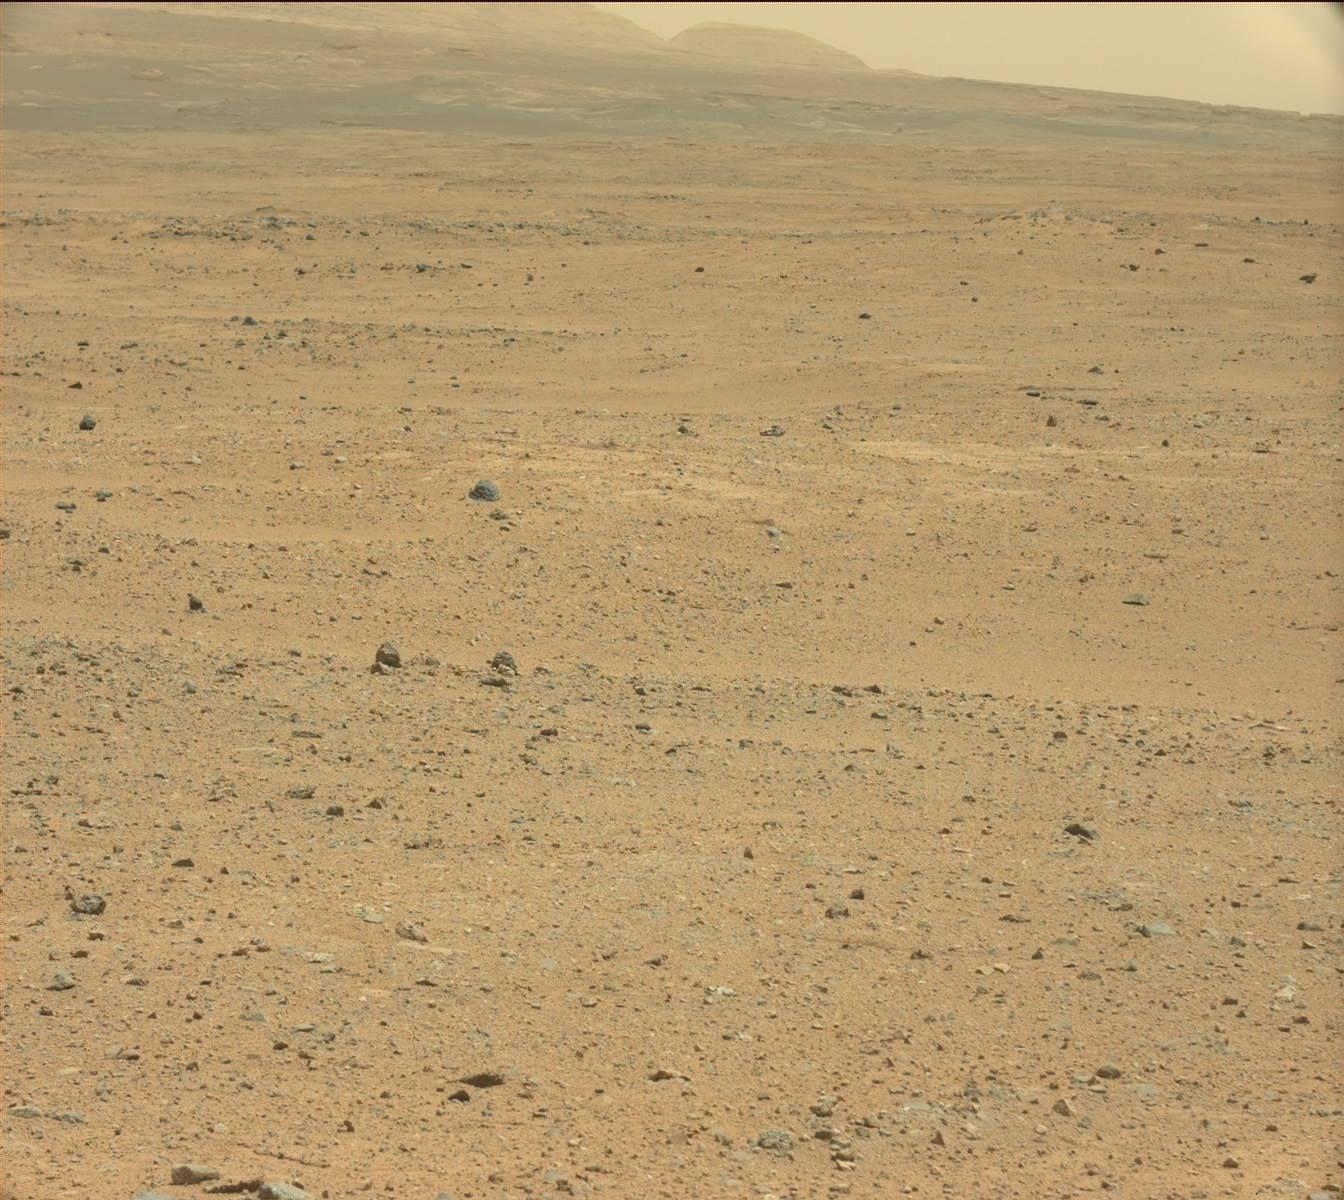 Ces bâtiments sur Mars photographiés par Curiosity le 12 août 2013